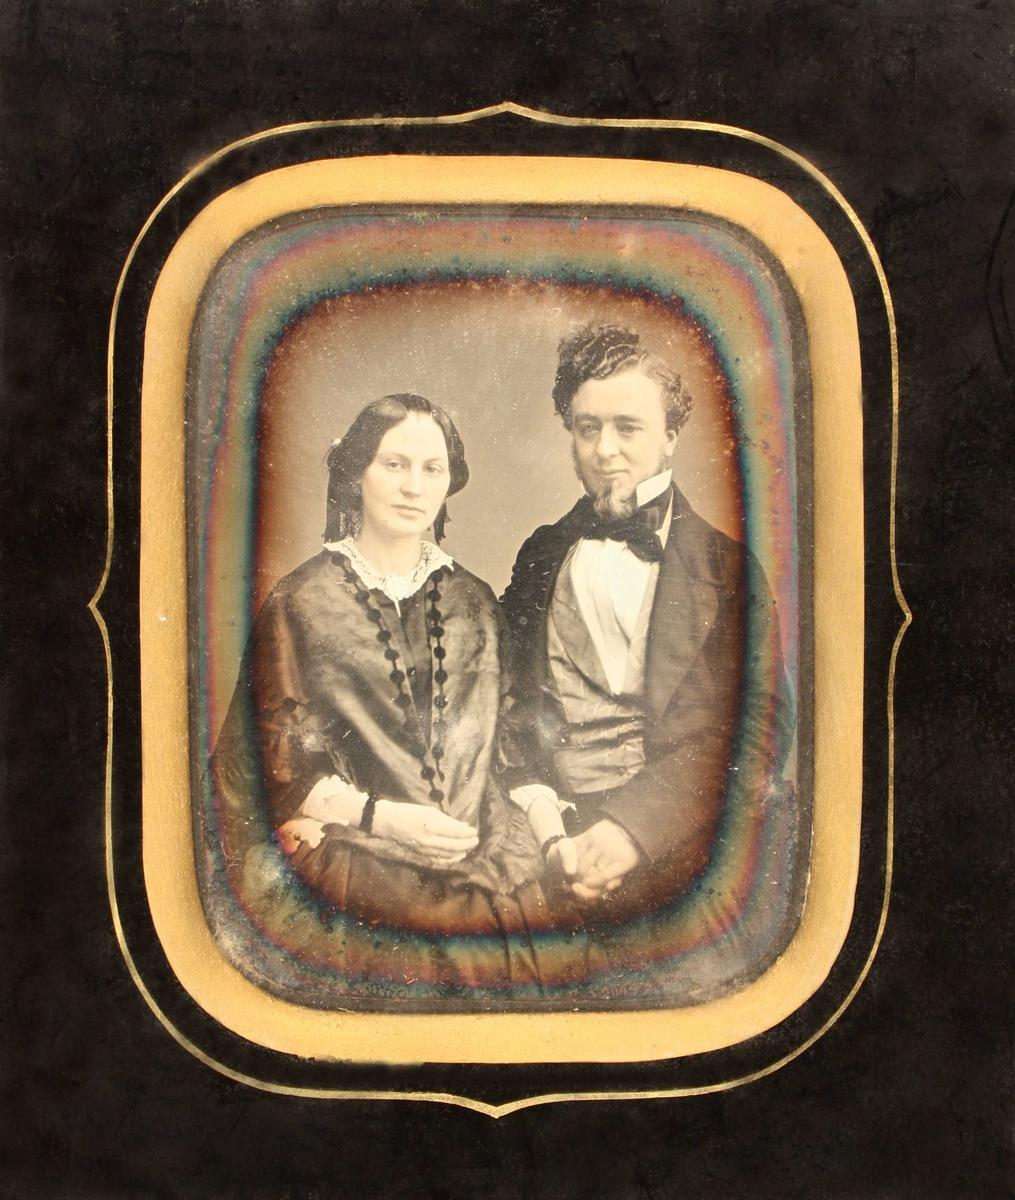 Portrett av kjøpmann  Jacob P Ottersen og hustru Christine,  født Huske,  1856.  Stående mann og kvinne,en face, avsk. ved hoftene.  Hun med sort glatt hår,hvit blondekrave med brosje  i halsen,hvite blondemansjetter, den ene hånd i  sin manns. Han med krøllet hår, fippskjegg høy  snipp og sort sløyfe, lys vest,  mørk jakke. Sort innramning med gull innerst.